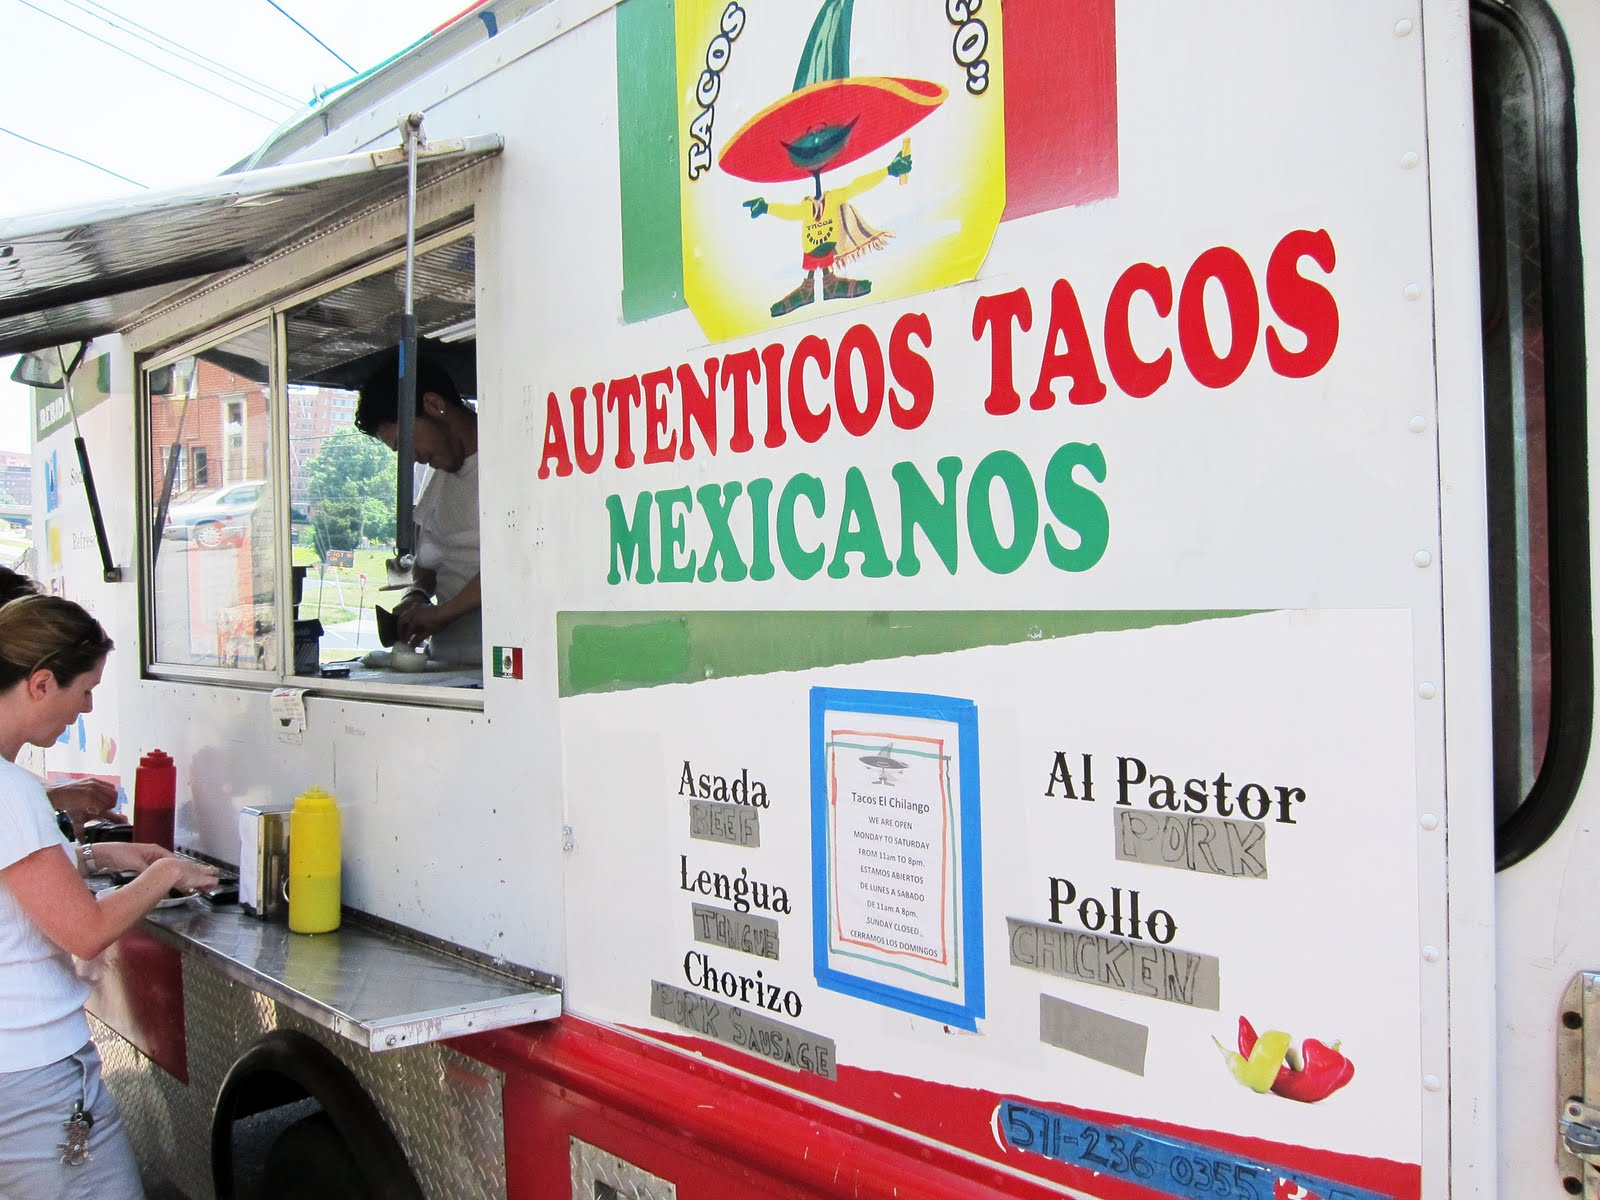 El Chilango Food Truck Arlington Va